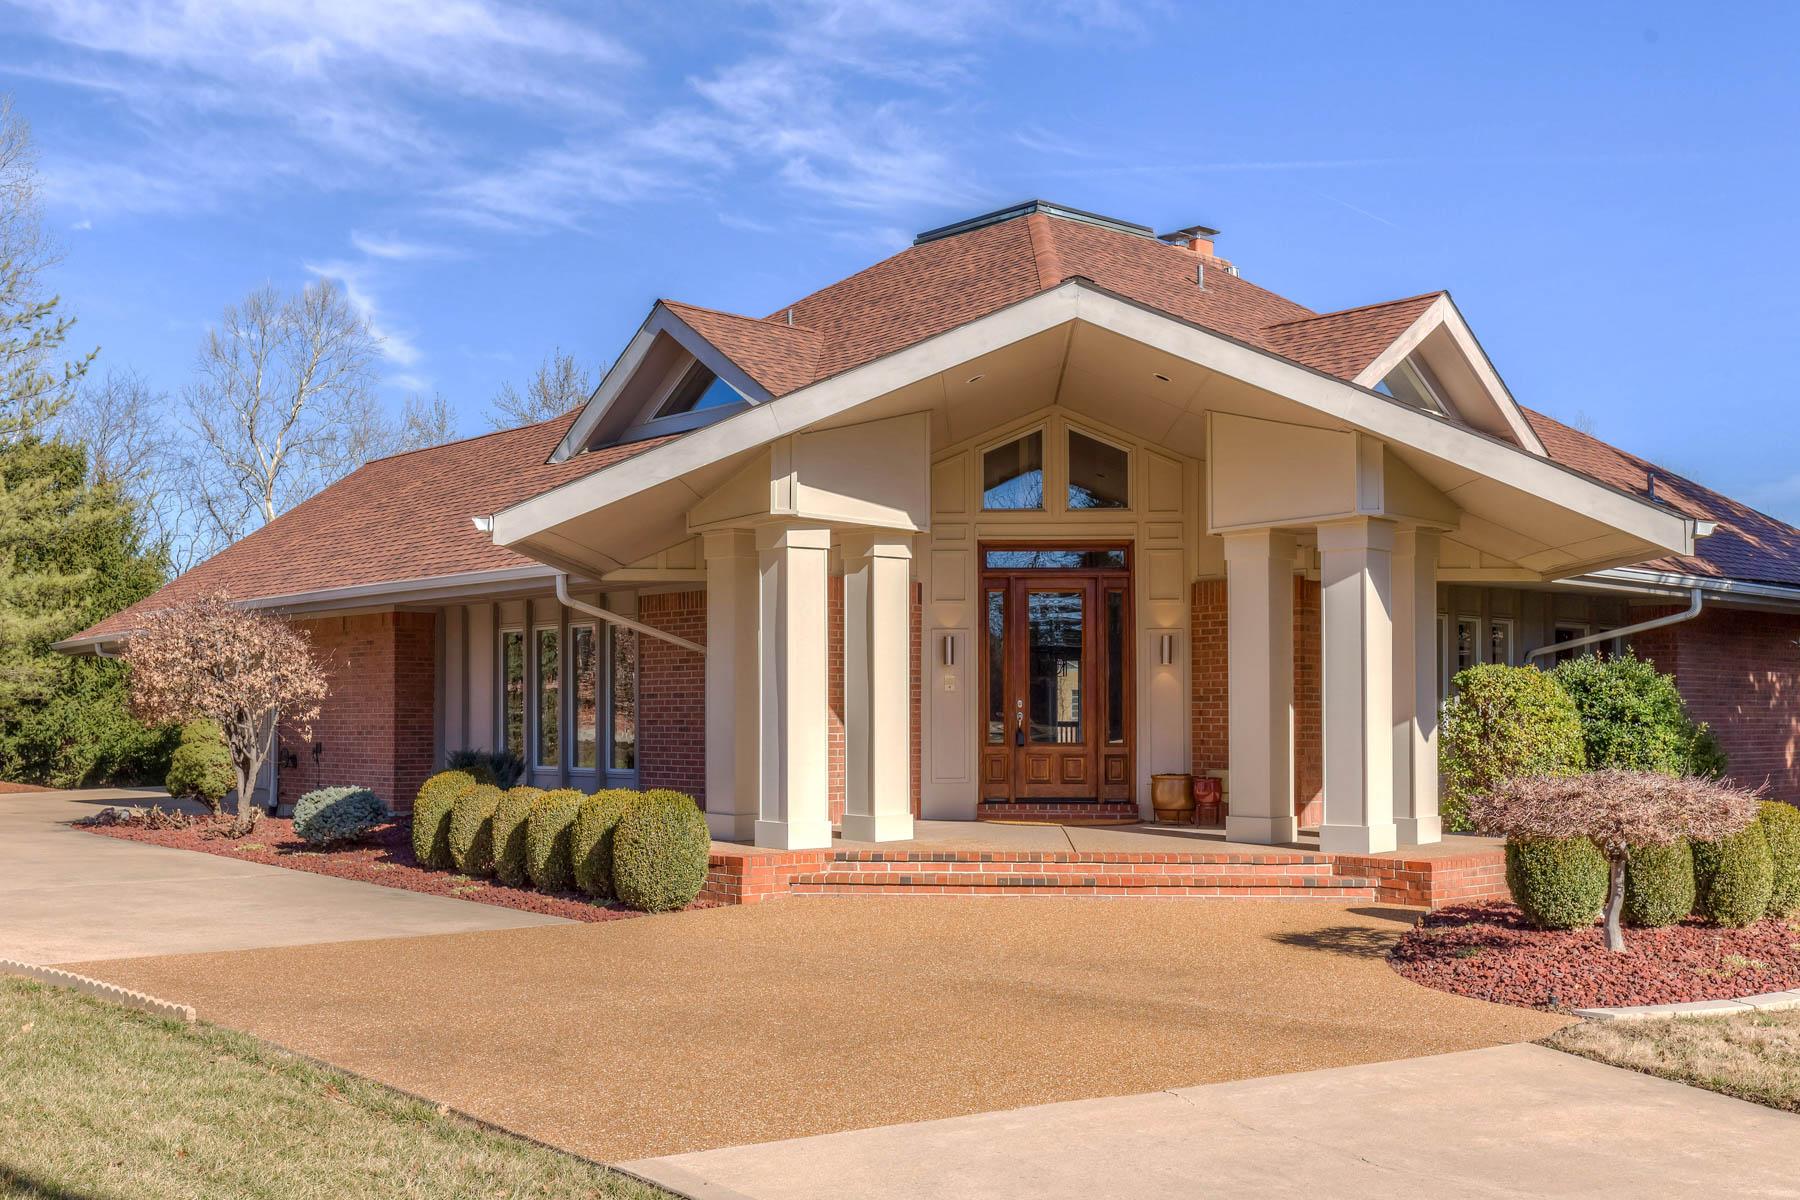 Einfamilienhaus für Verkauf beim Conway Road 12915 Conway Road St. Louis, Missouri, 63141 Vereinigte Staaten